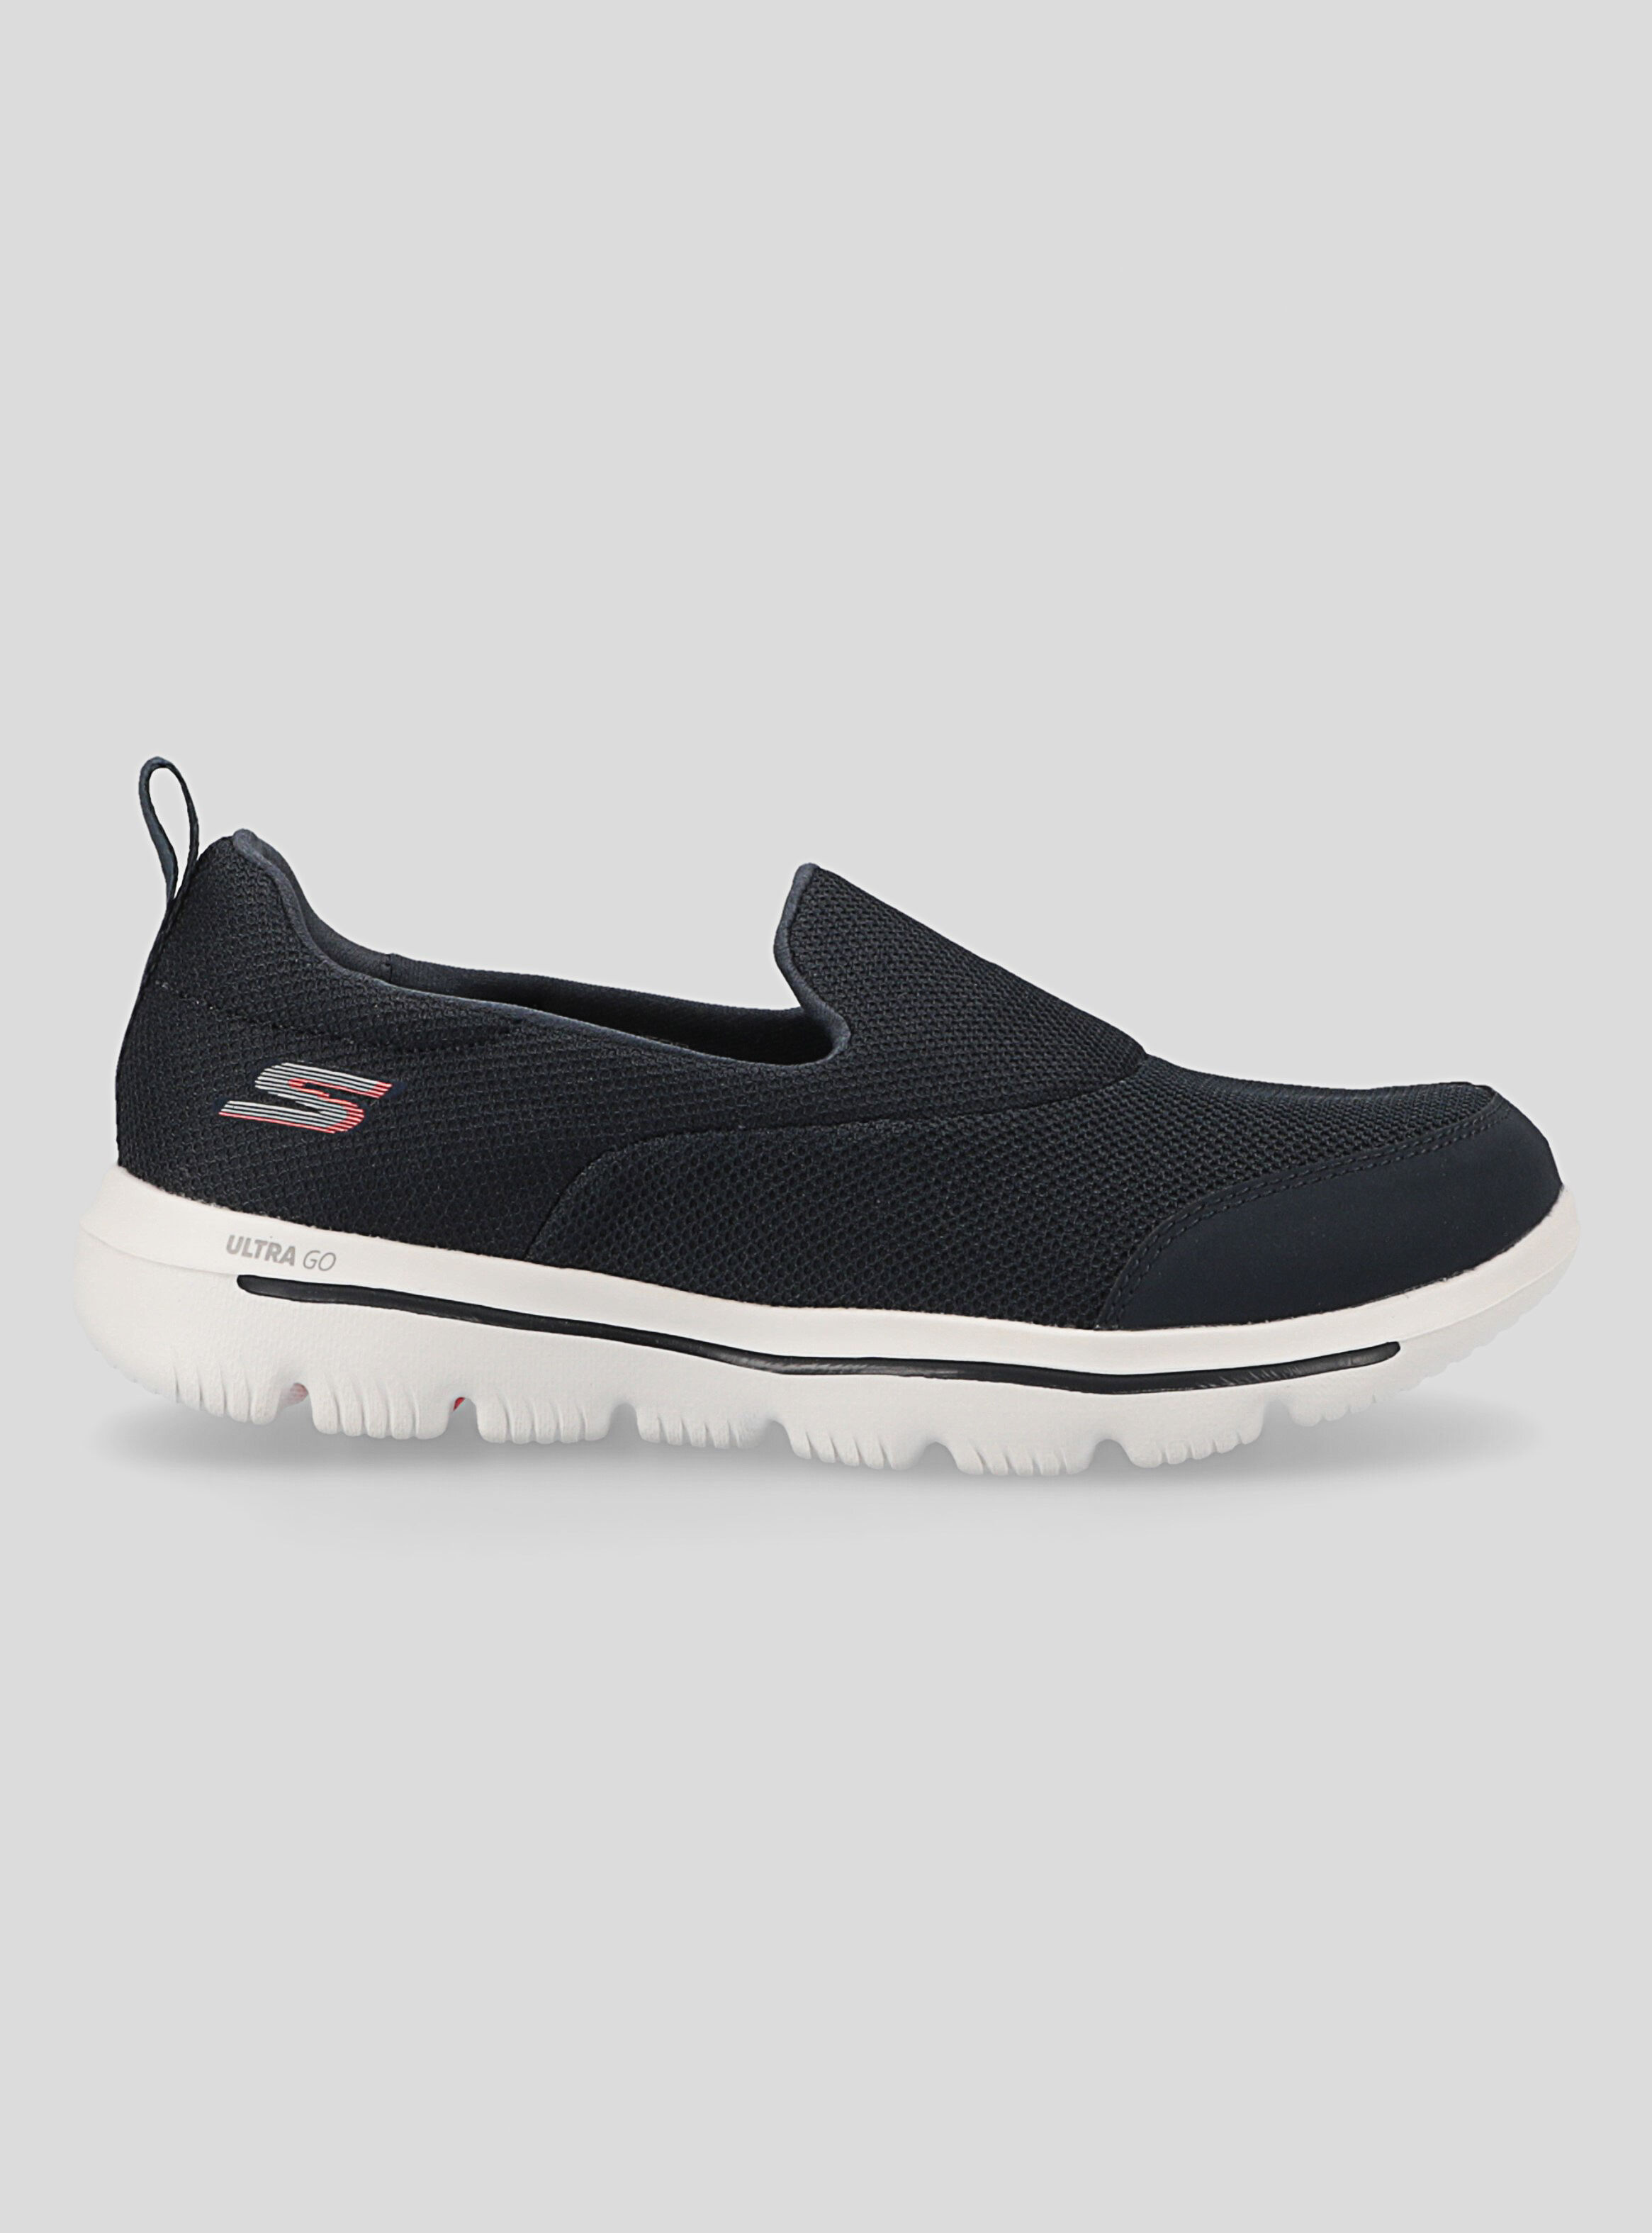 Zapato Sport Skechers Mujer en Zapatos Casuales | Paris